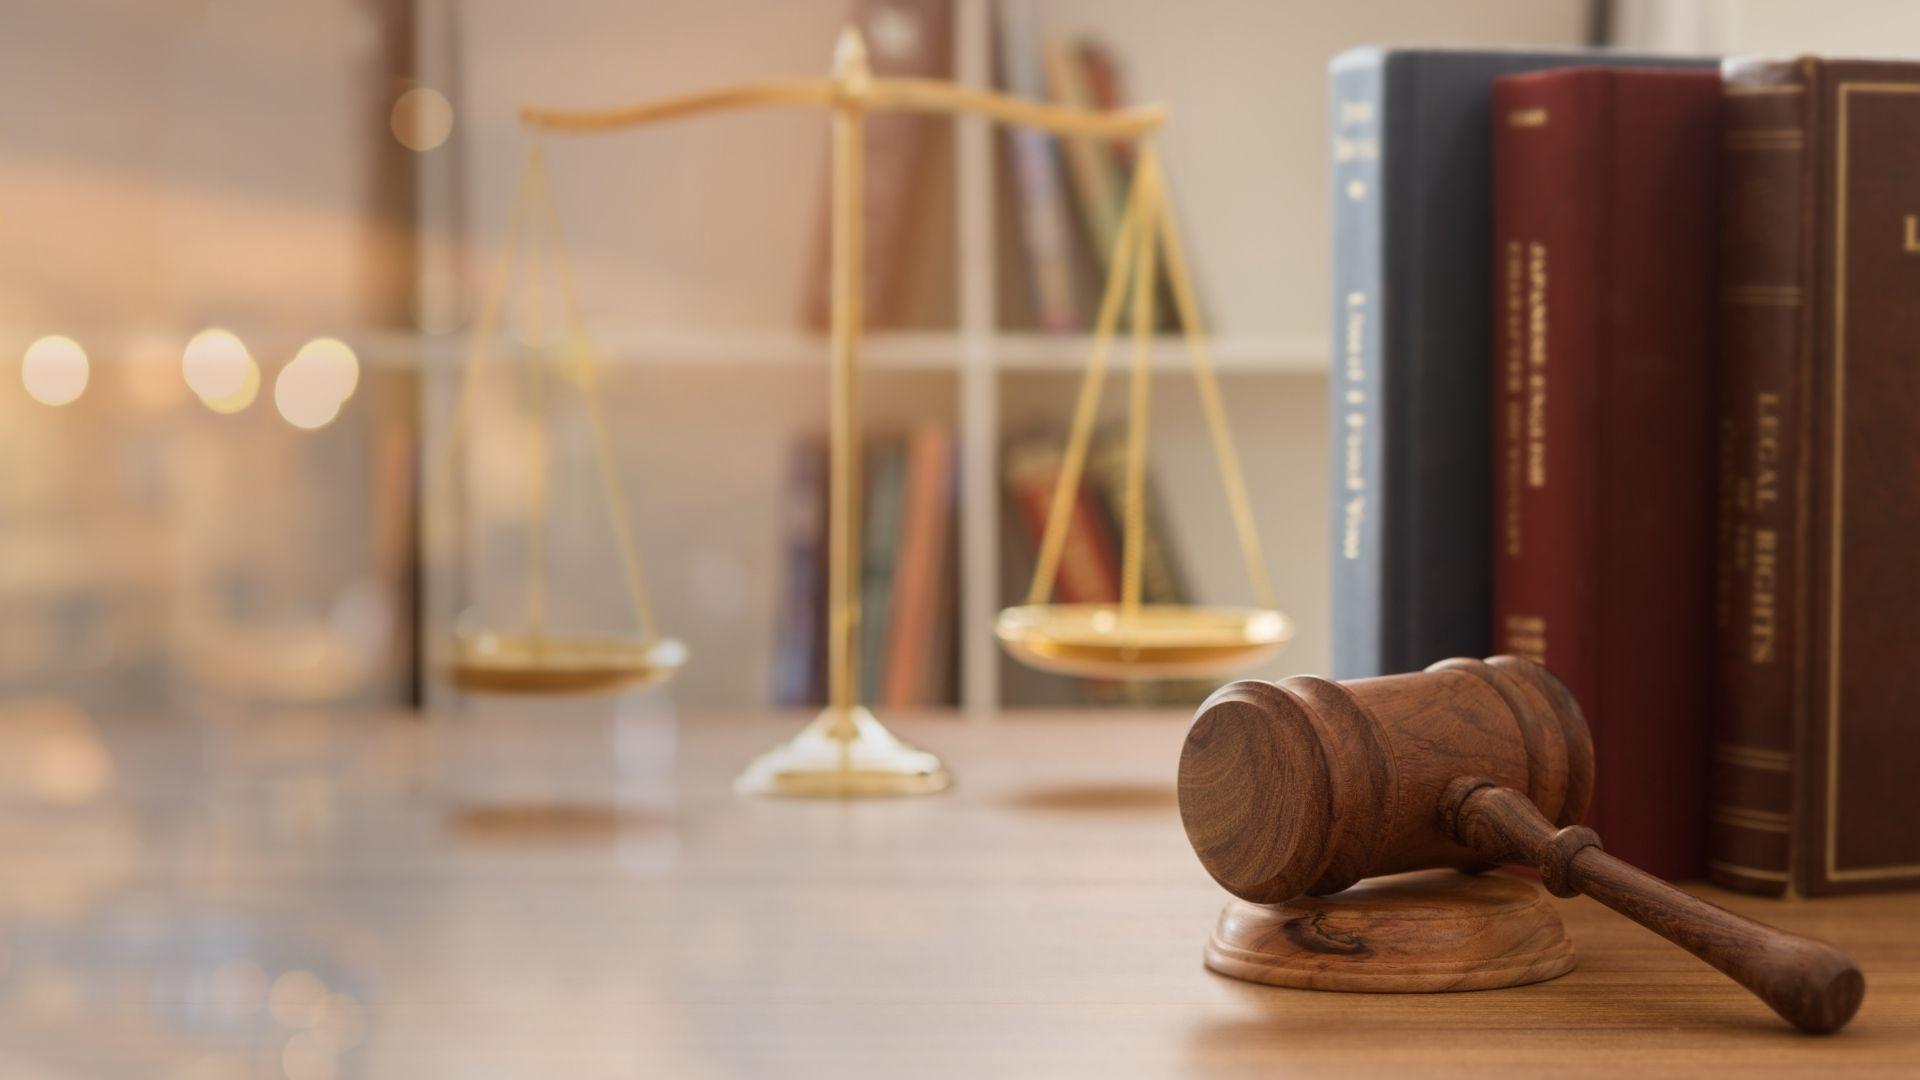 Reşit Olmayanla Cinsel İlişki Suçu ve Cezası (TCK m.104)